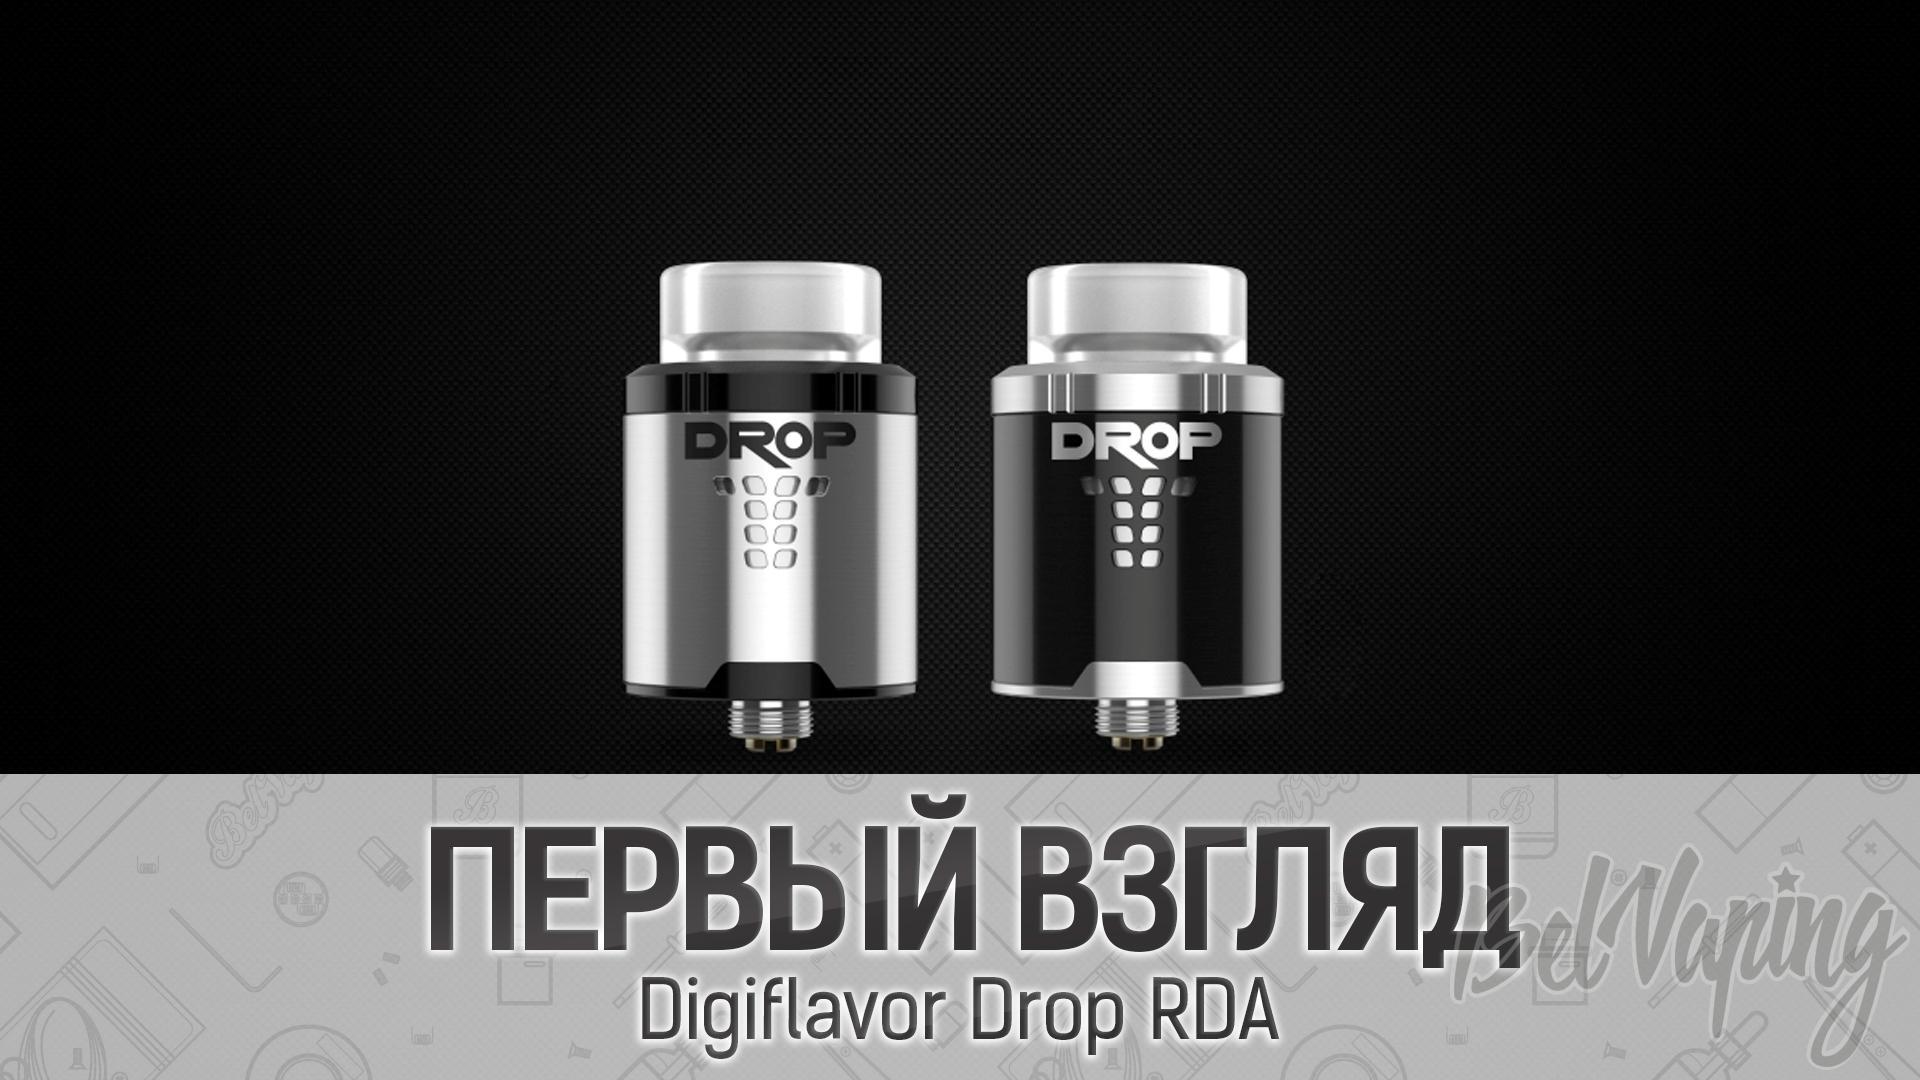 Digiflavor Drop RDA. Первый взгляд